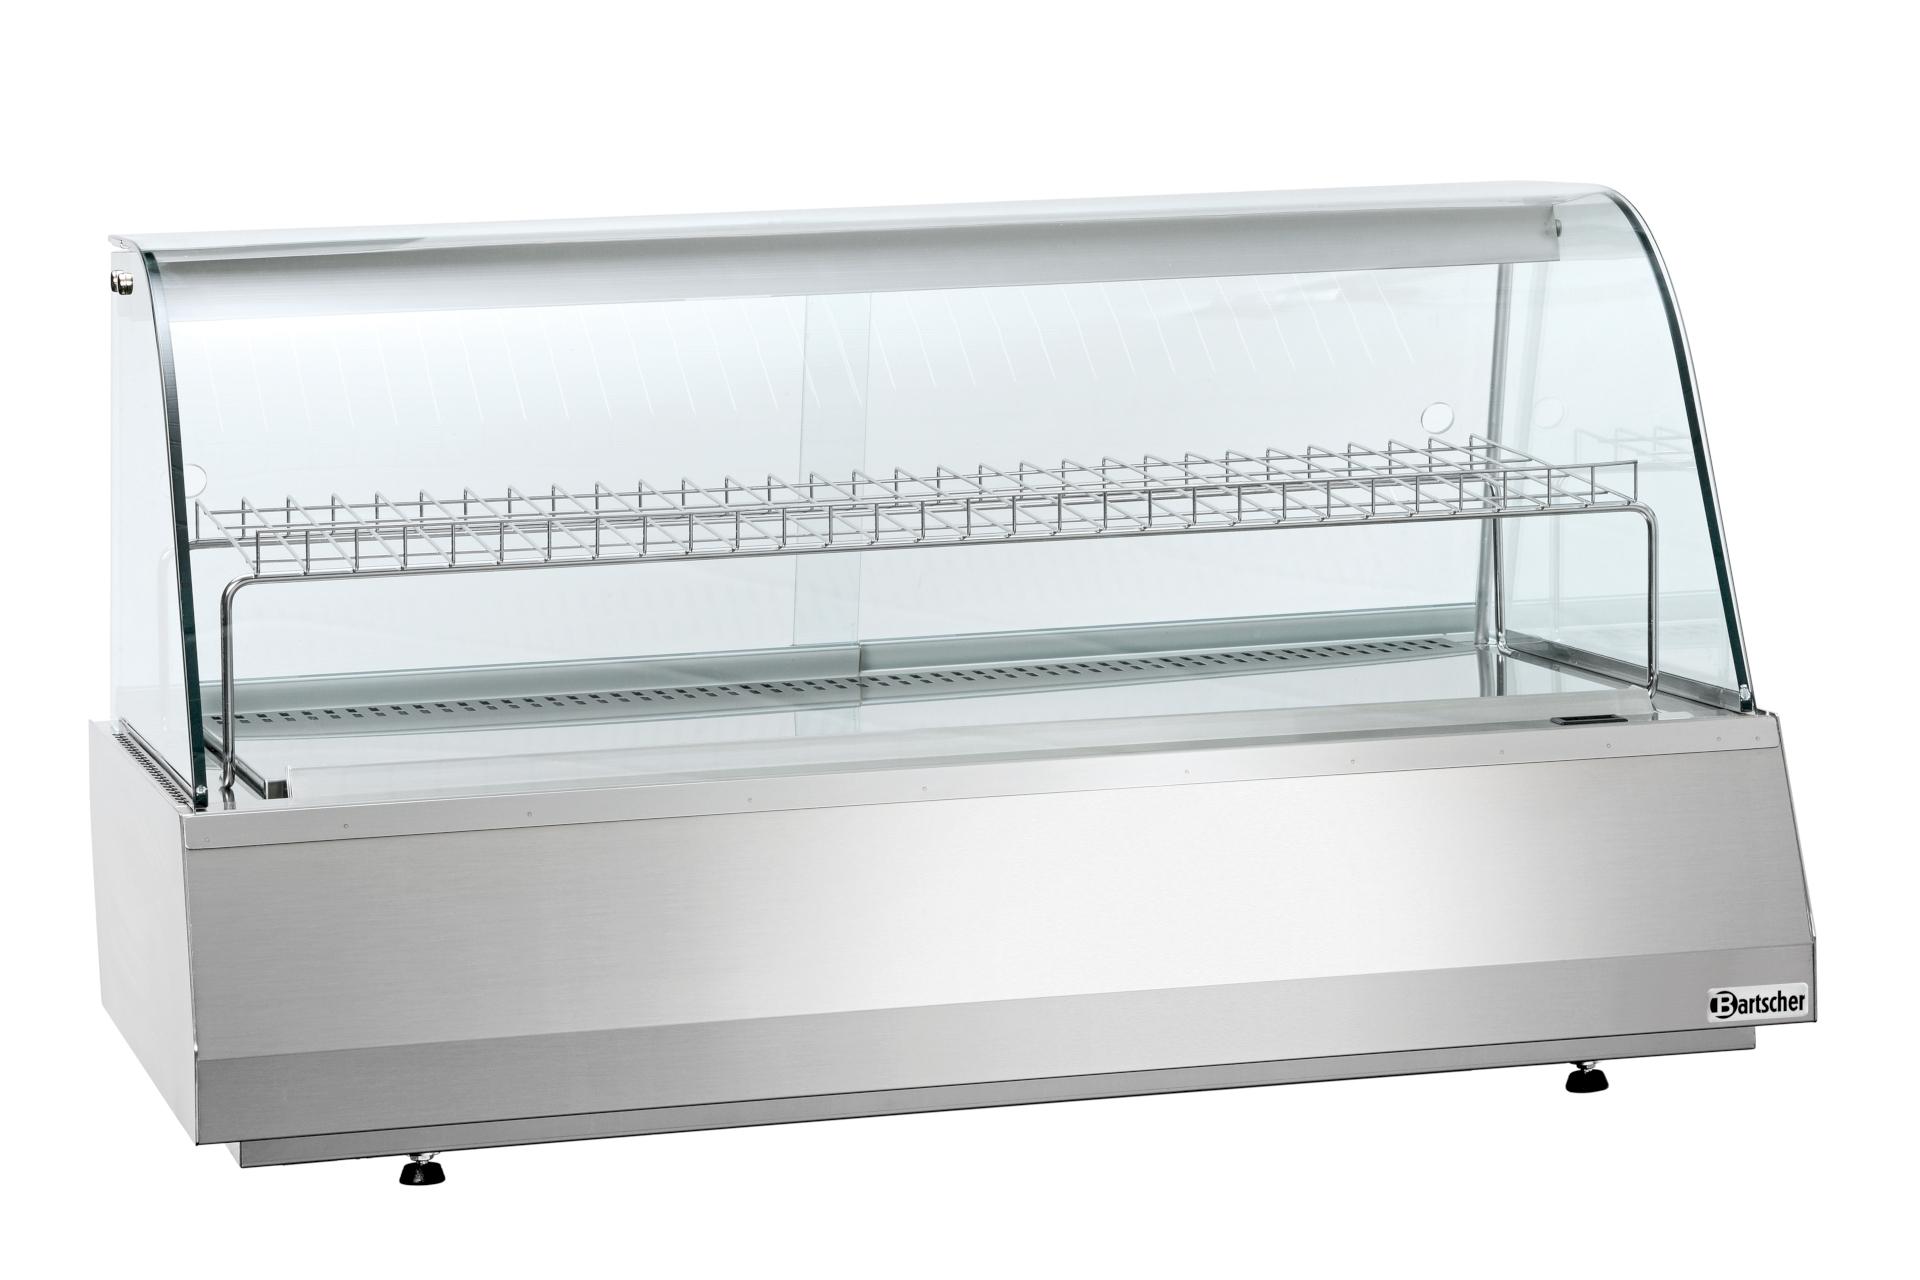 Bartscher Kalte Theke 3/1GN, Rundglas